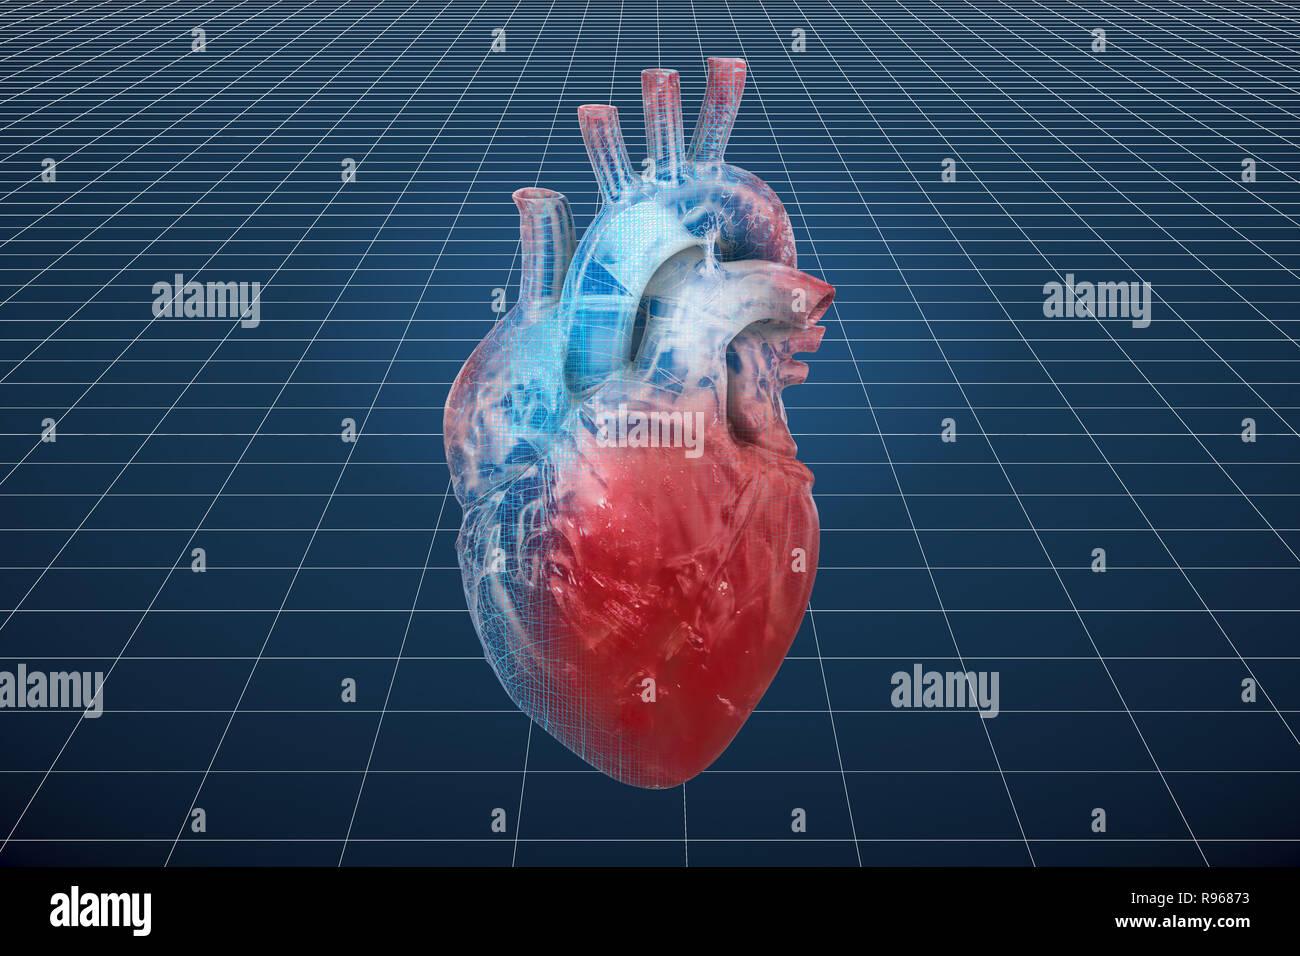 eb940eada2e0 Visualización de modelos CAD en 3D del corazón humano